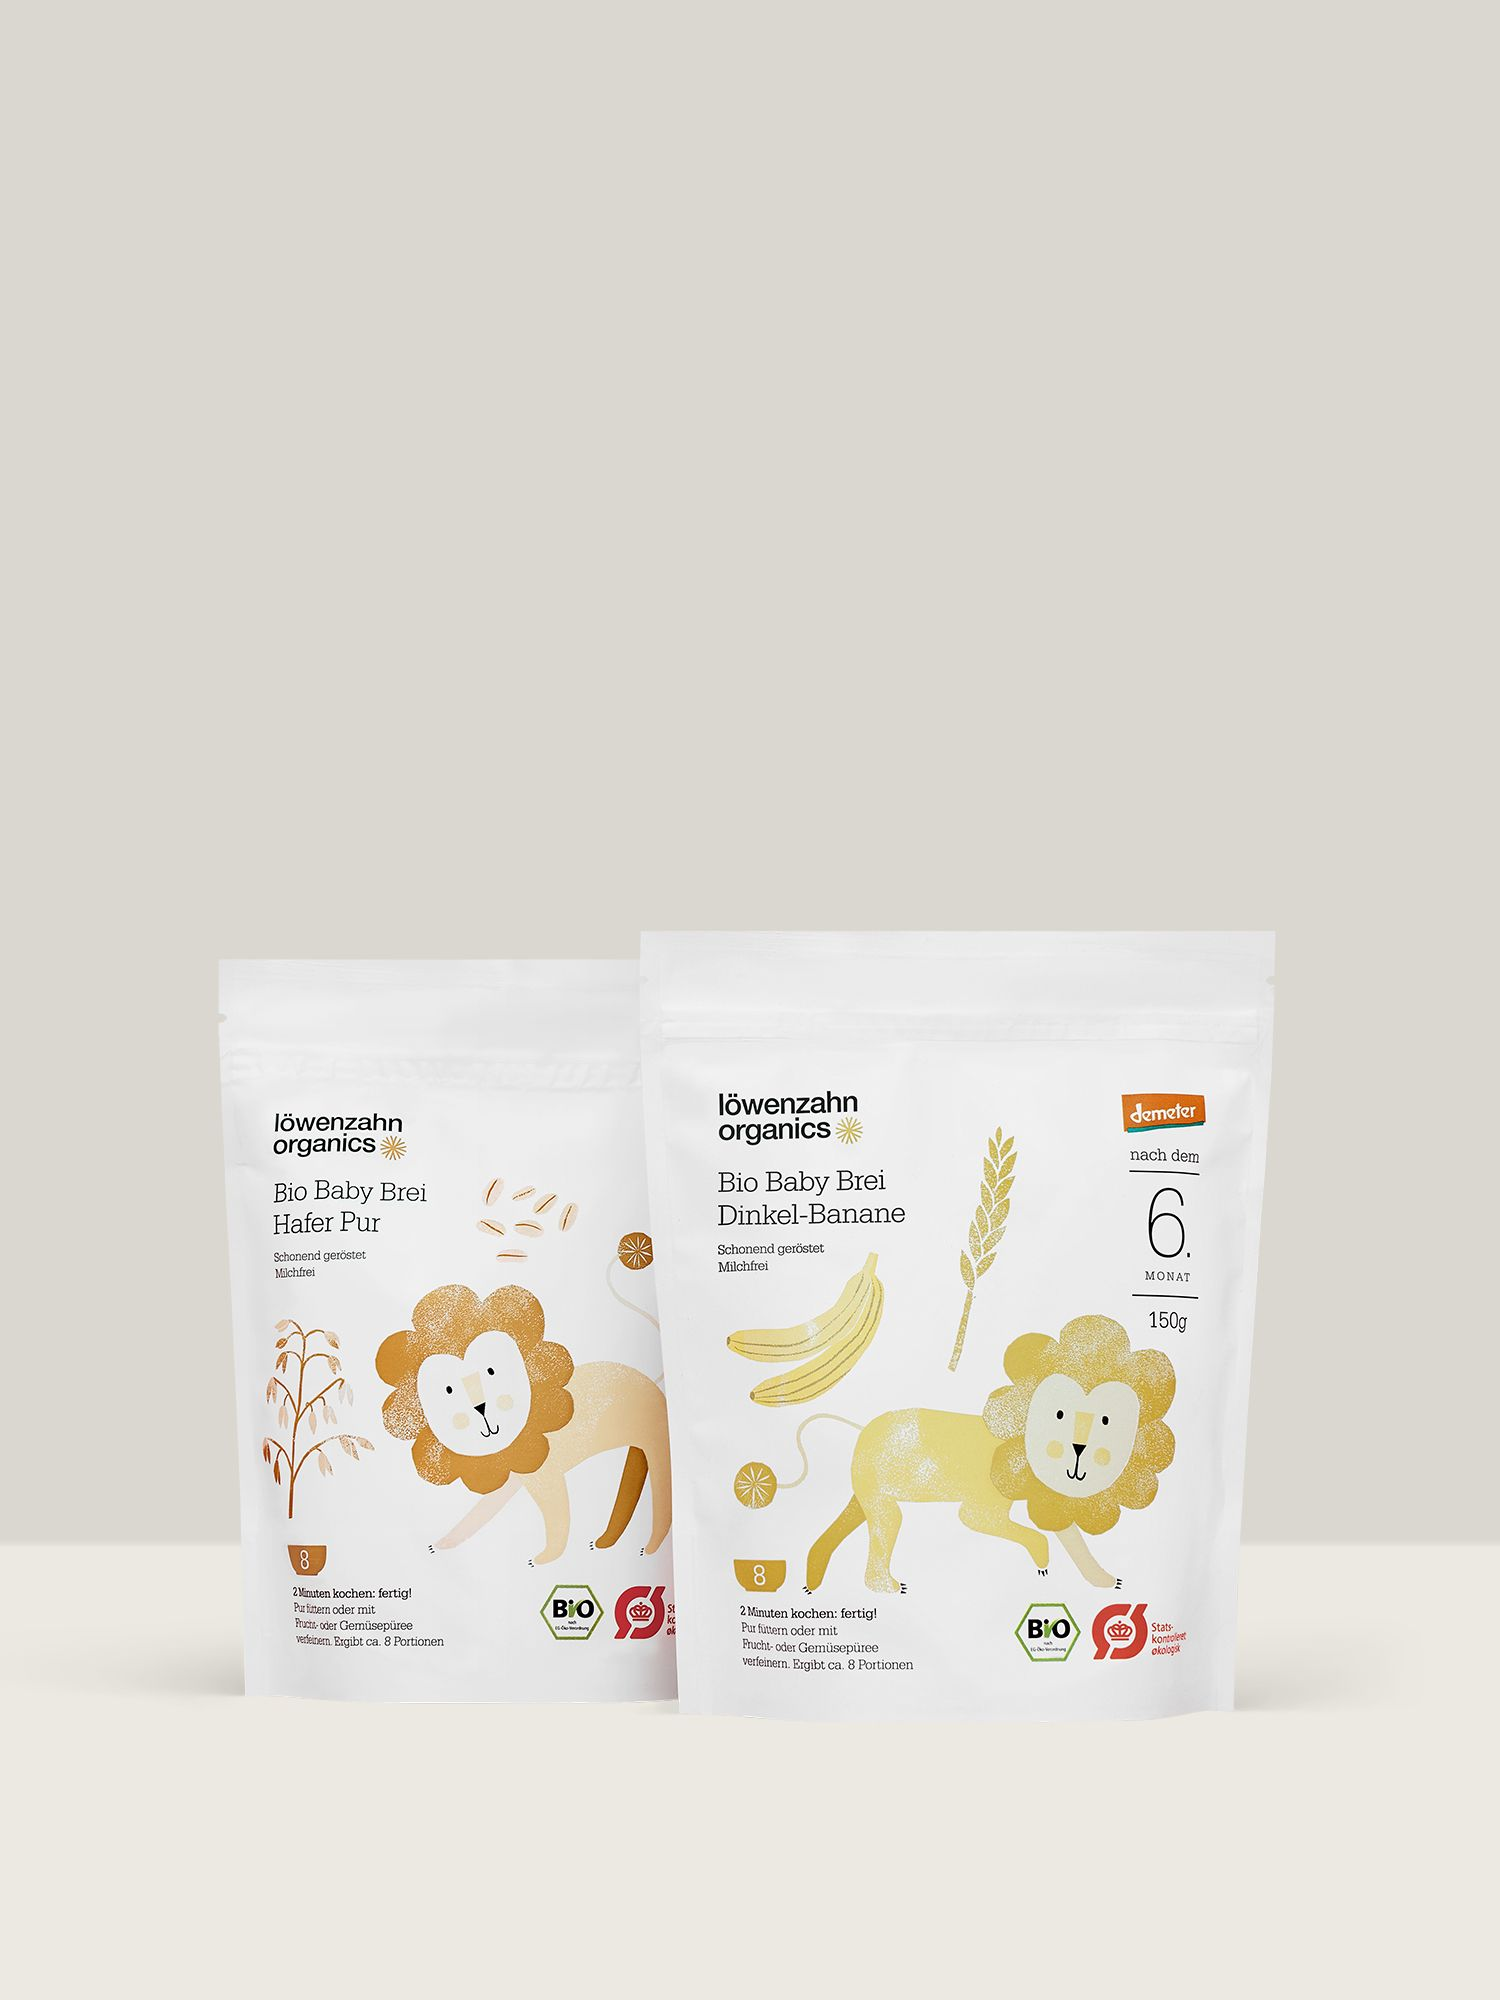 DITTMAR_Lorganics_packaging-brei